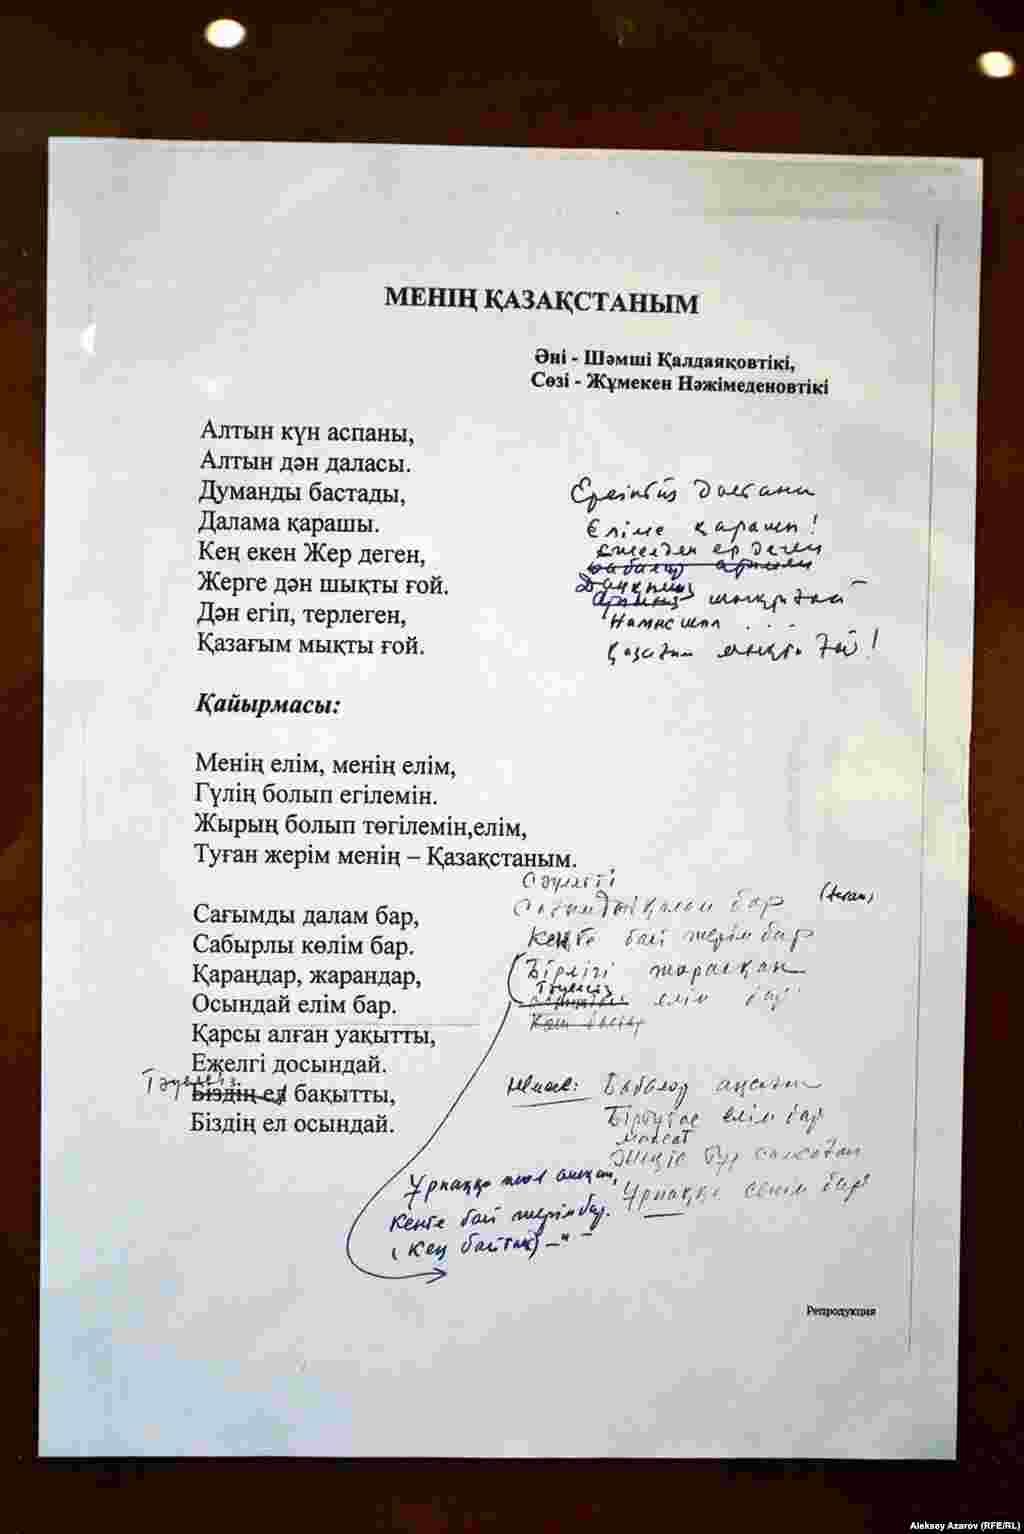 Қазақстанның жаңа әнұраны сөзіне Назарбаевтың қолымен түзетулер енгізілген мәтіннің репродукциясы.